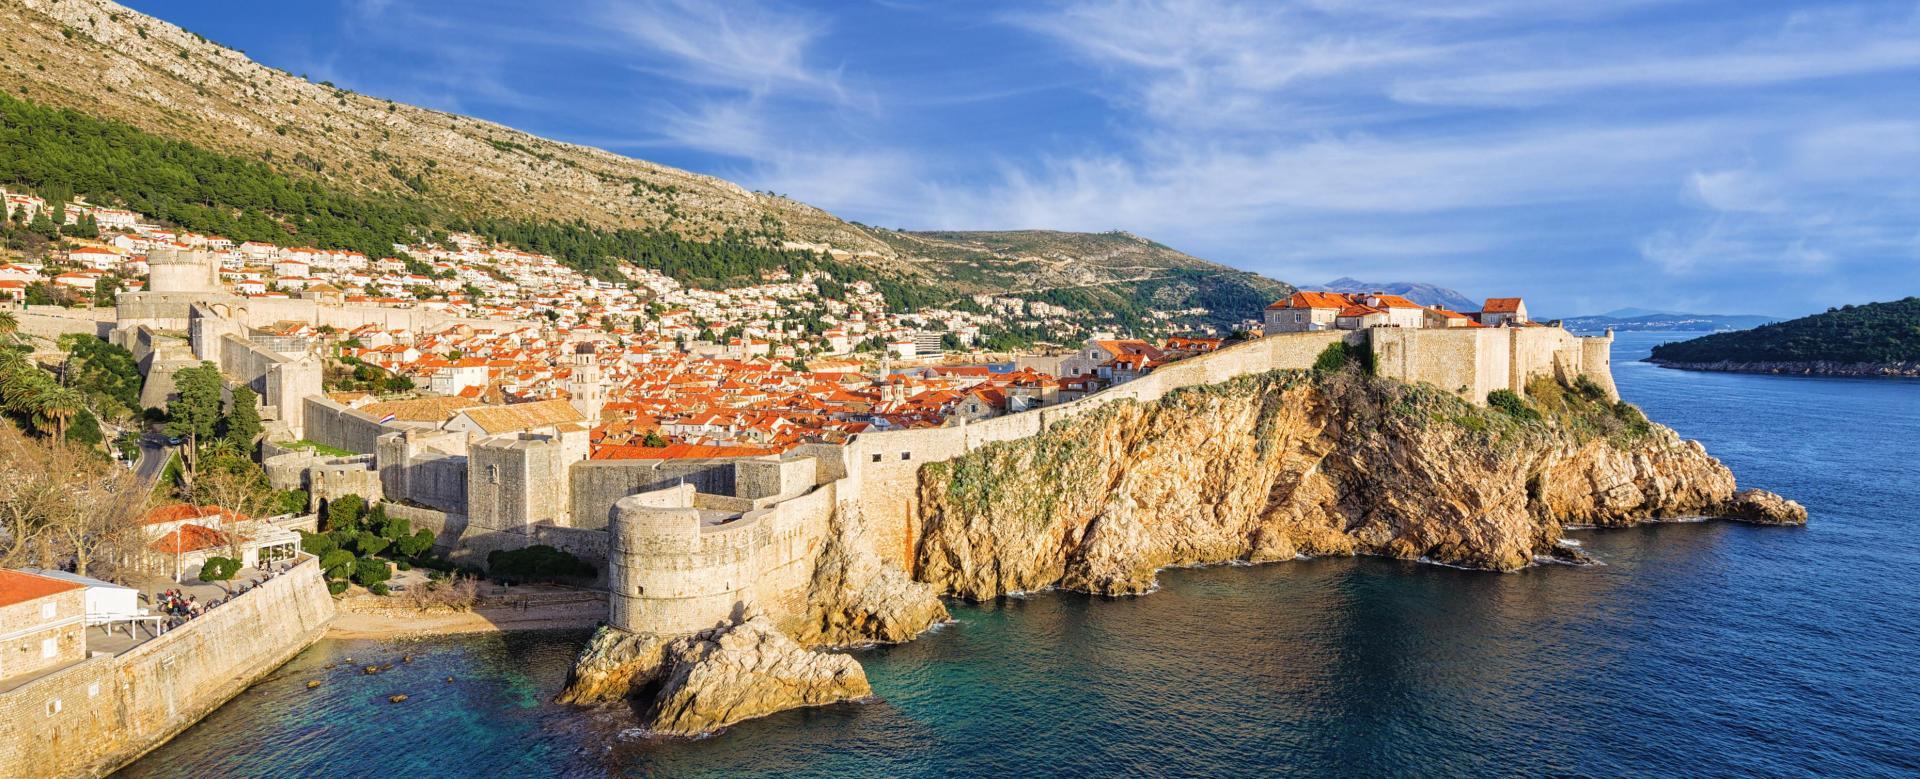 Voyage à pied : Des îles croates à l'insolite monténégro